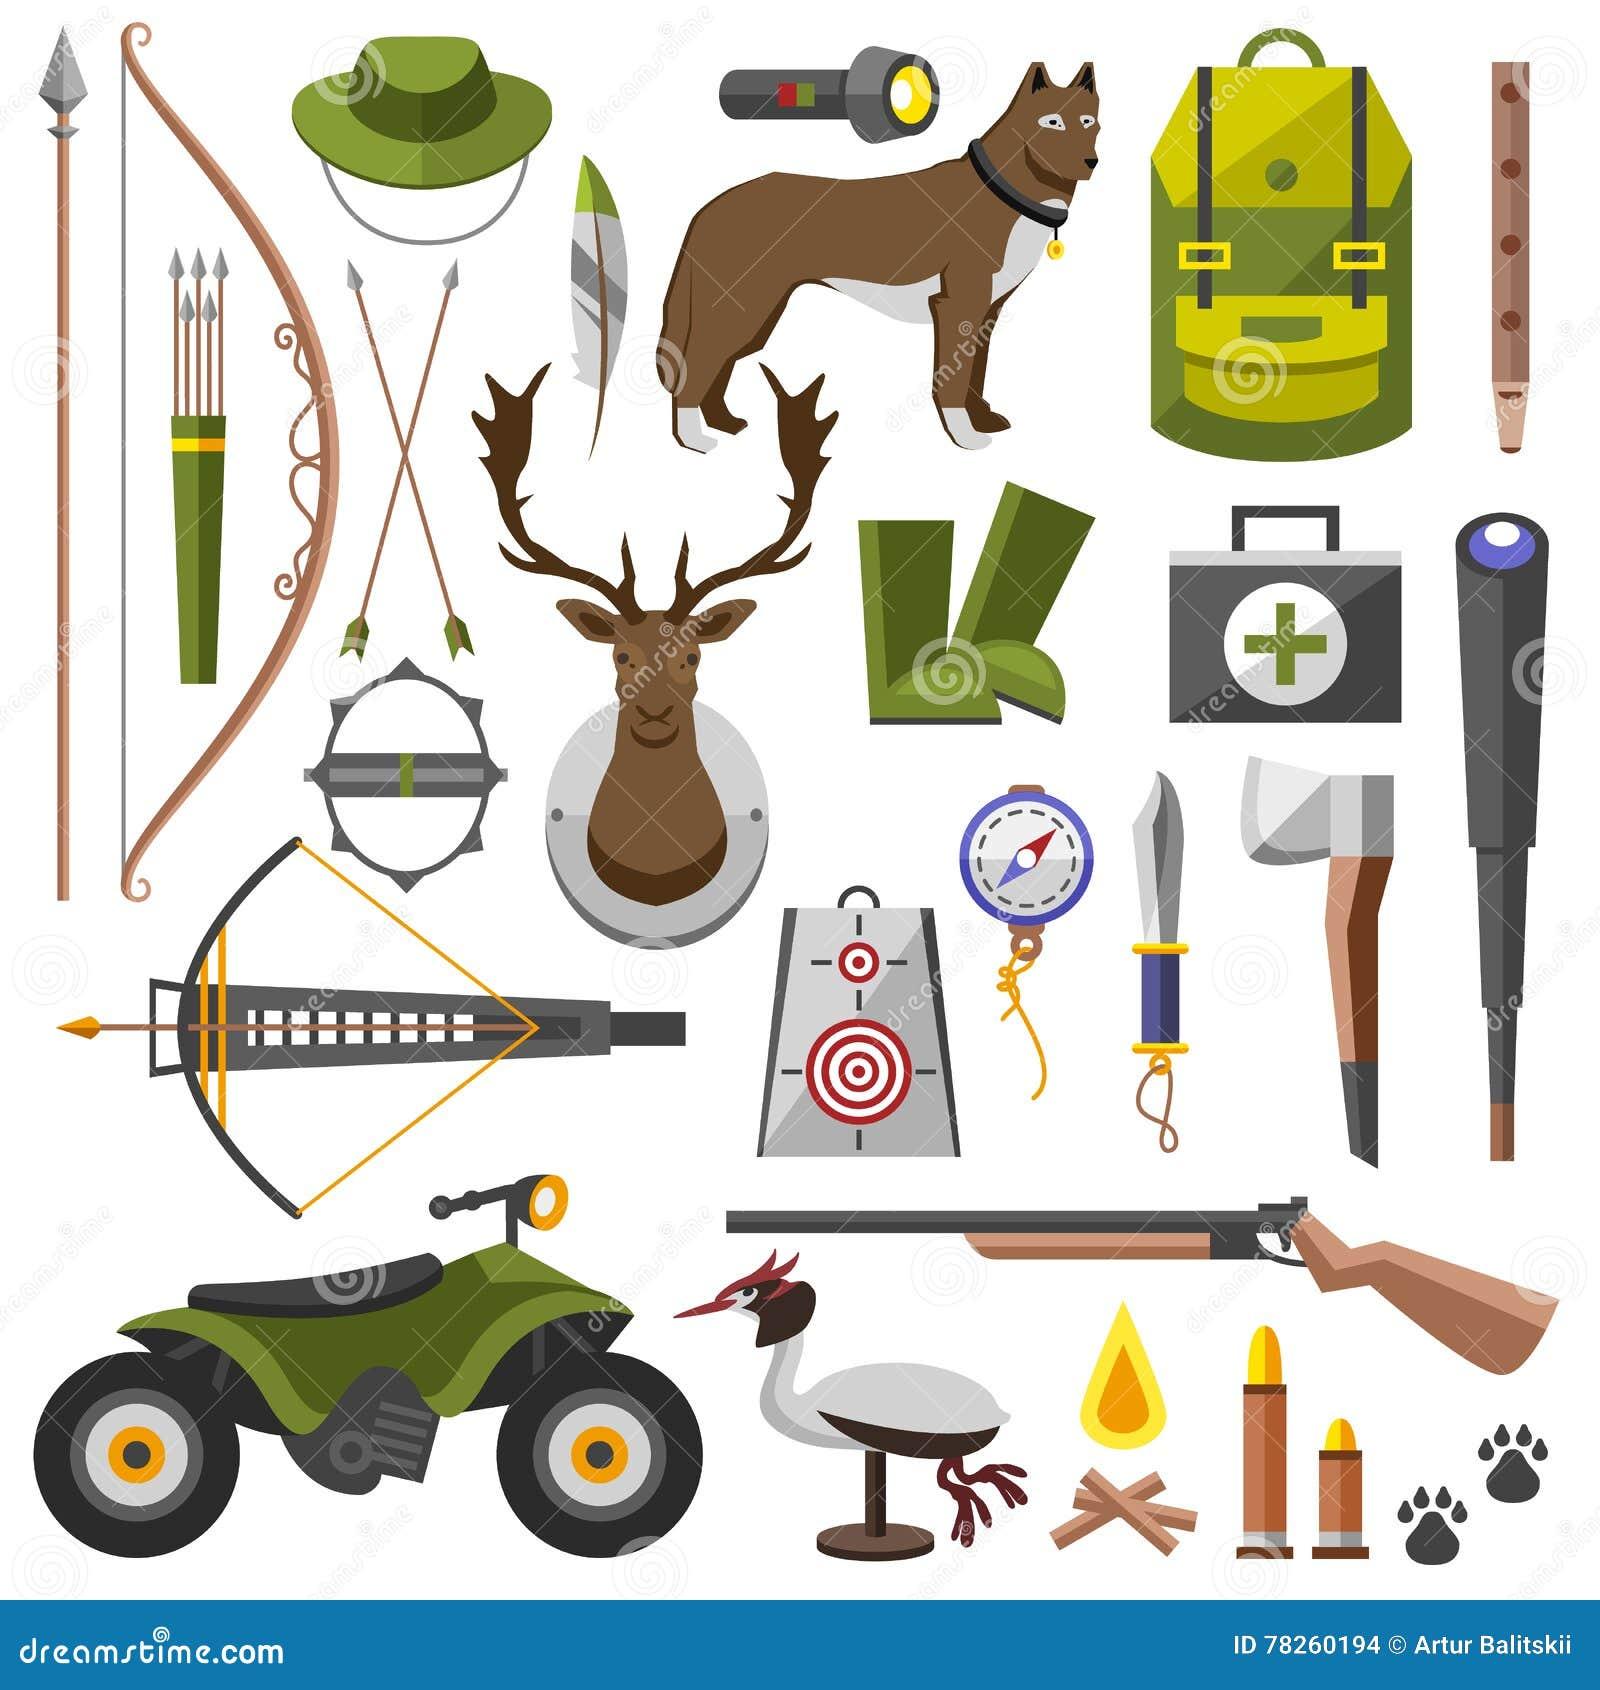 Τουφέκι εξαρτήσεων εξοπλισμού κυνηγιού, μαχαίρι, καπέλο, κοστούμι, κυνηγετικό όπλο, μπότες, δόλωμα, προστασία, αντιστοιχίες, μια